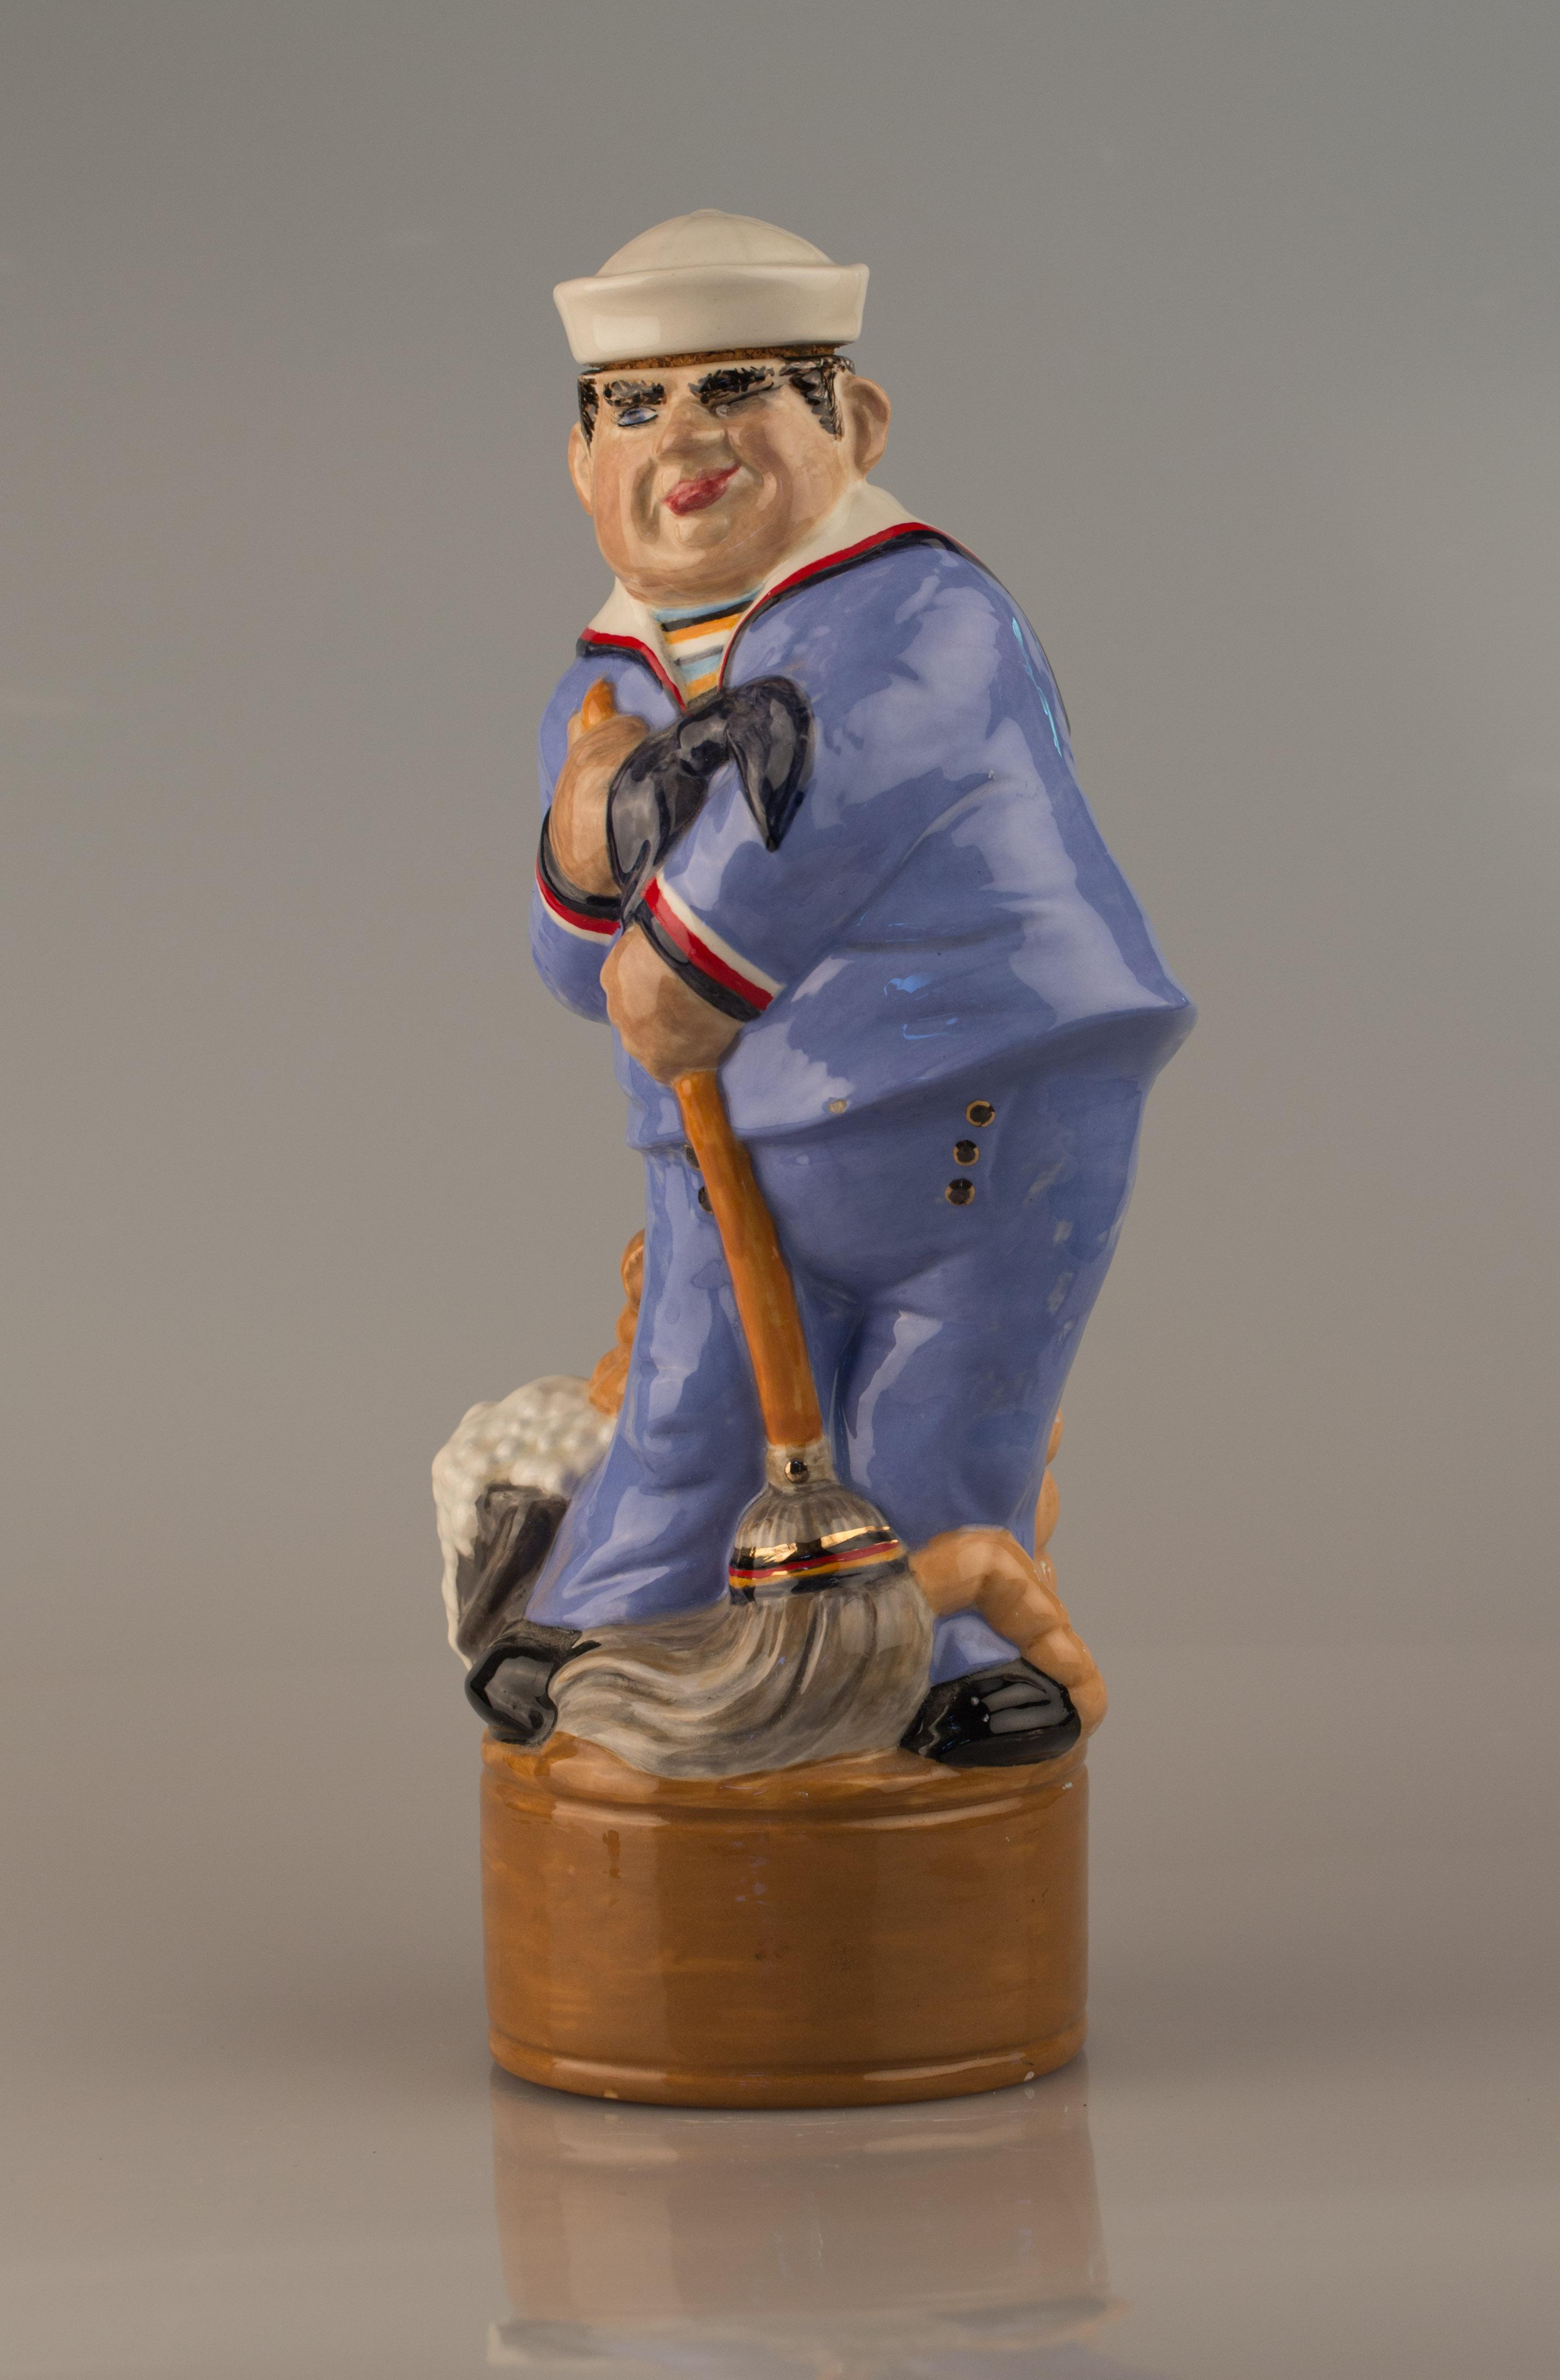 Ceramic Figurines History Reversadermcream Com